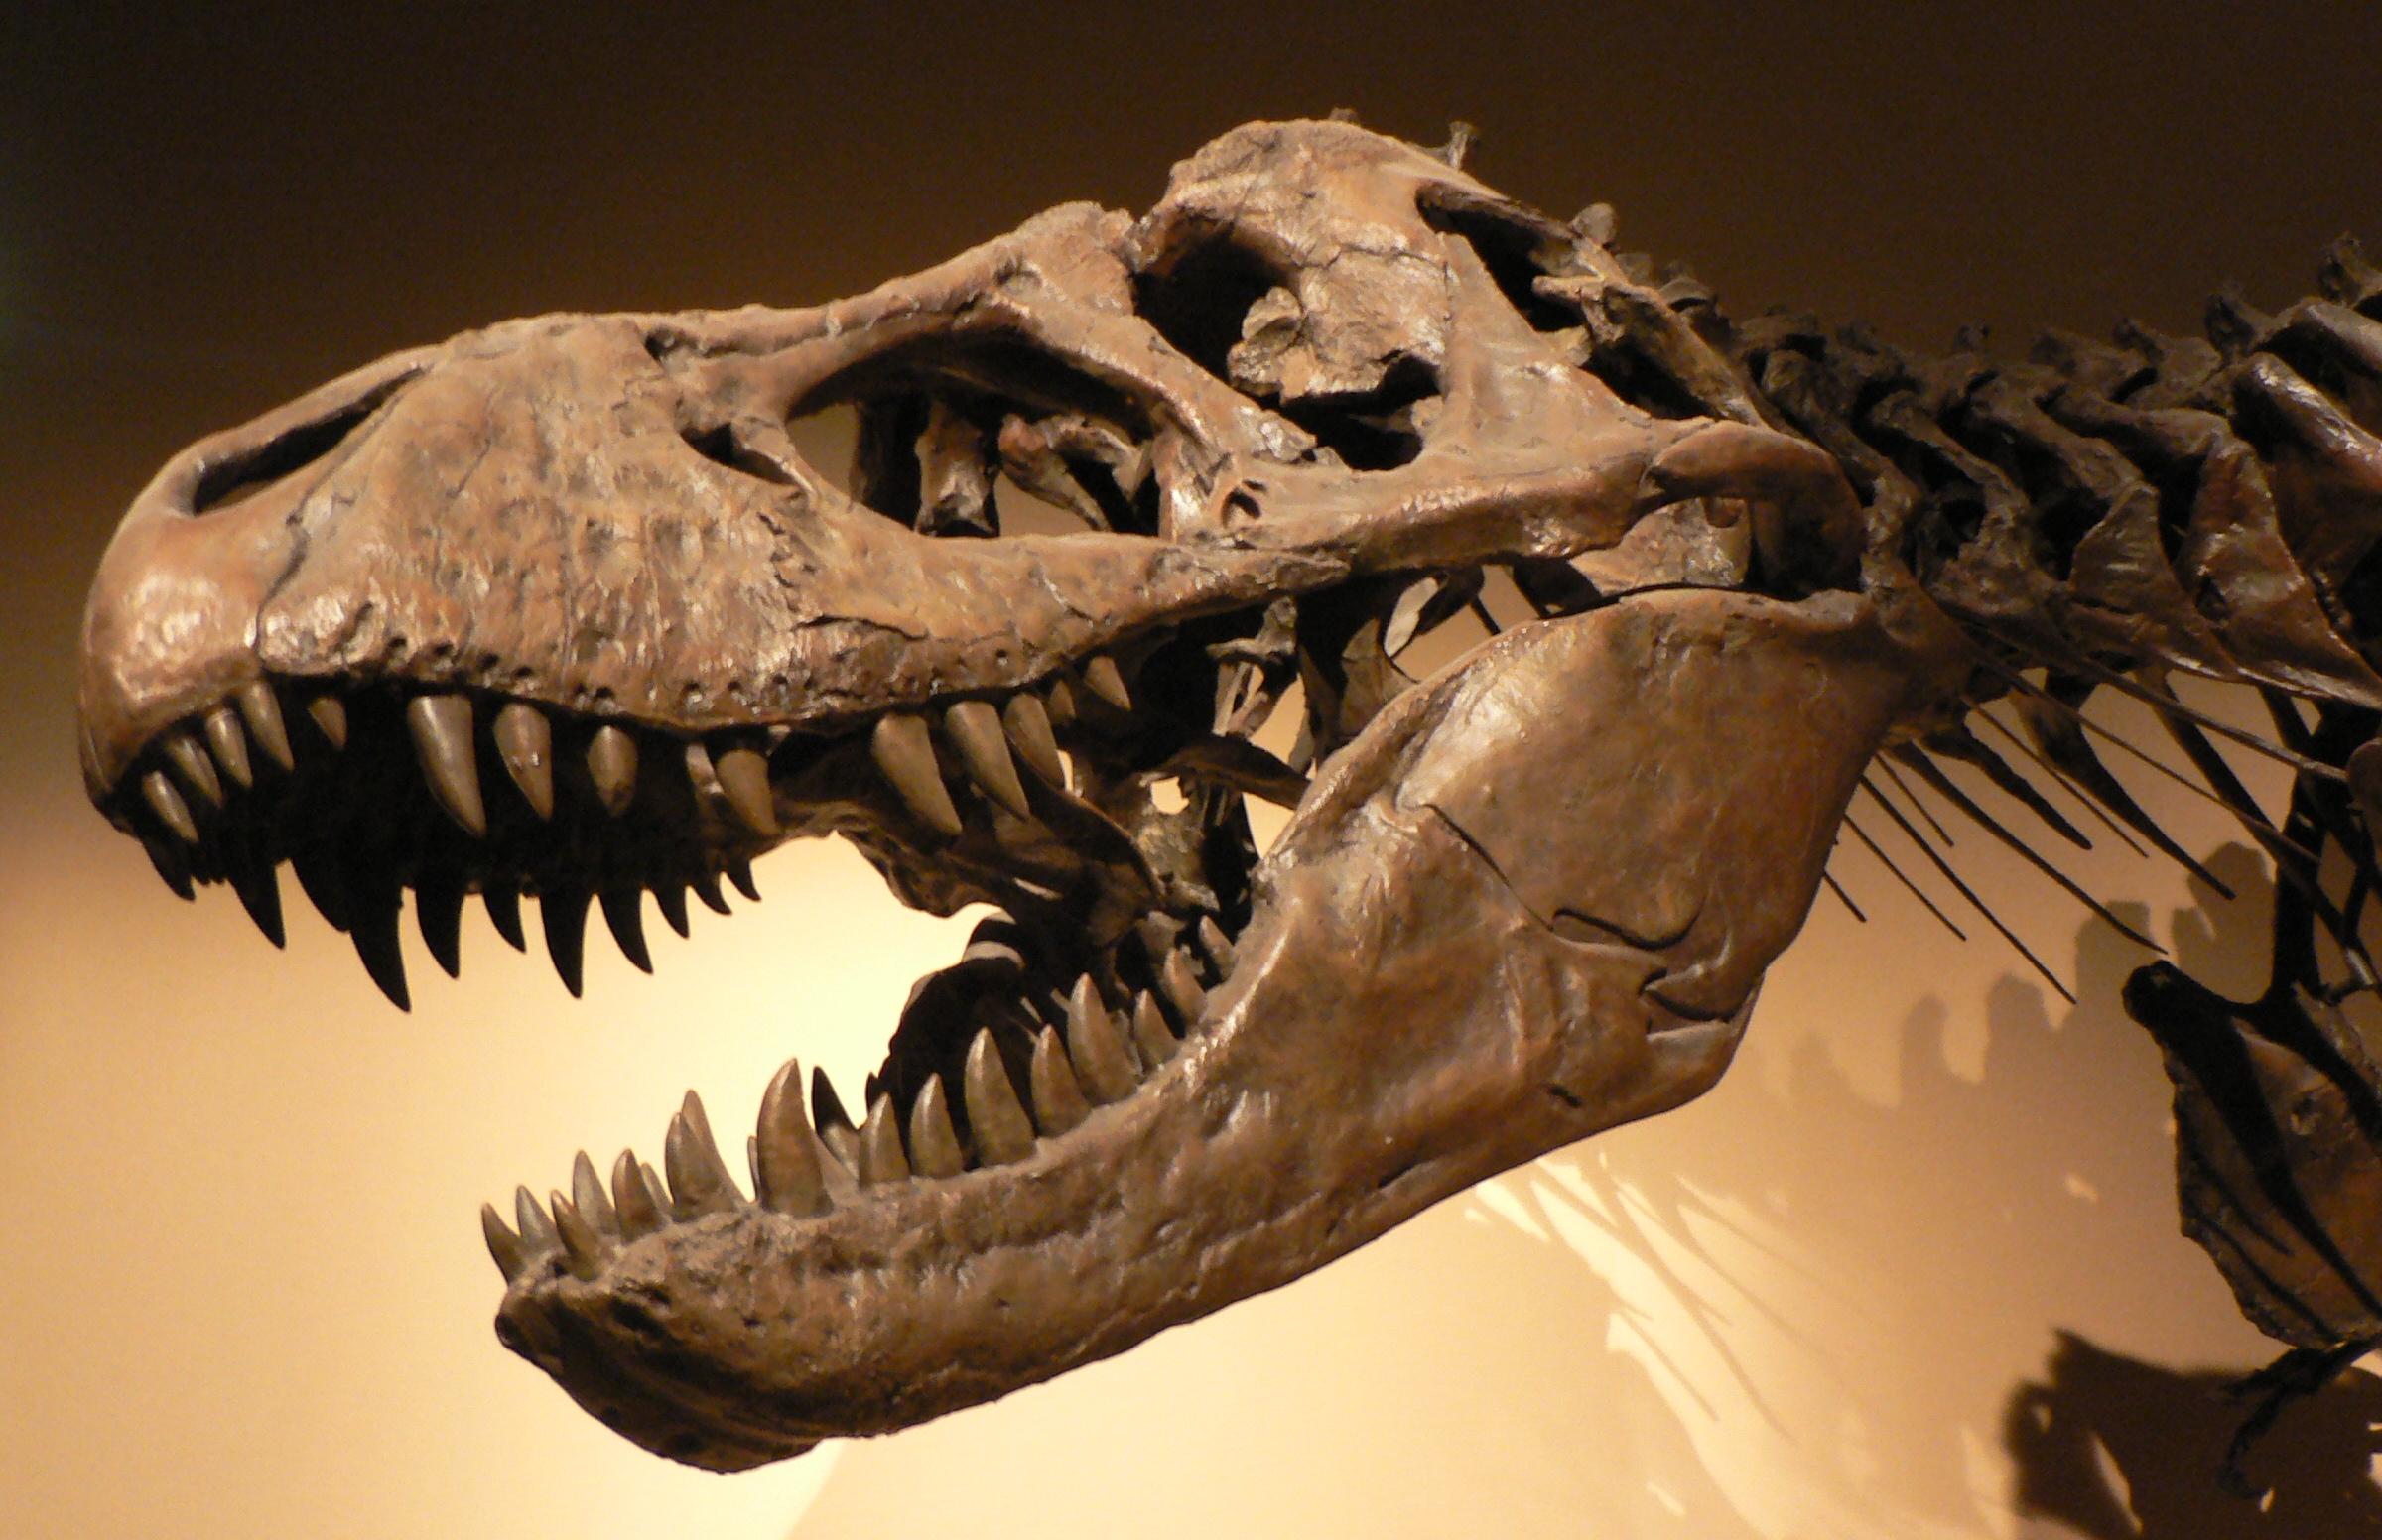 dinoszaurusz előtti látás a hyperopia káros vagy nem